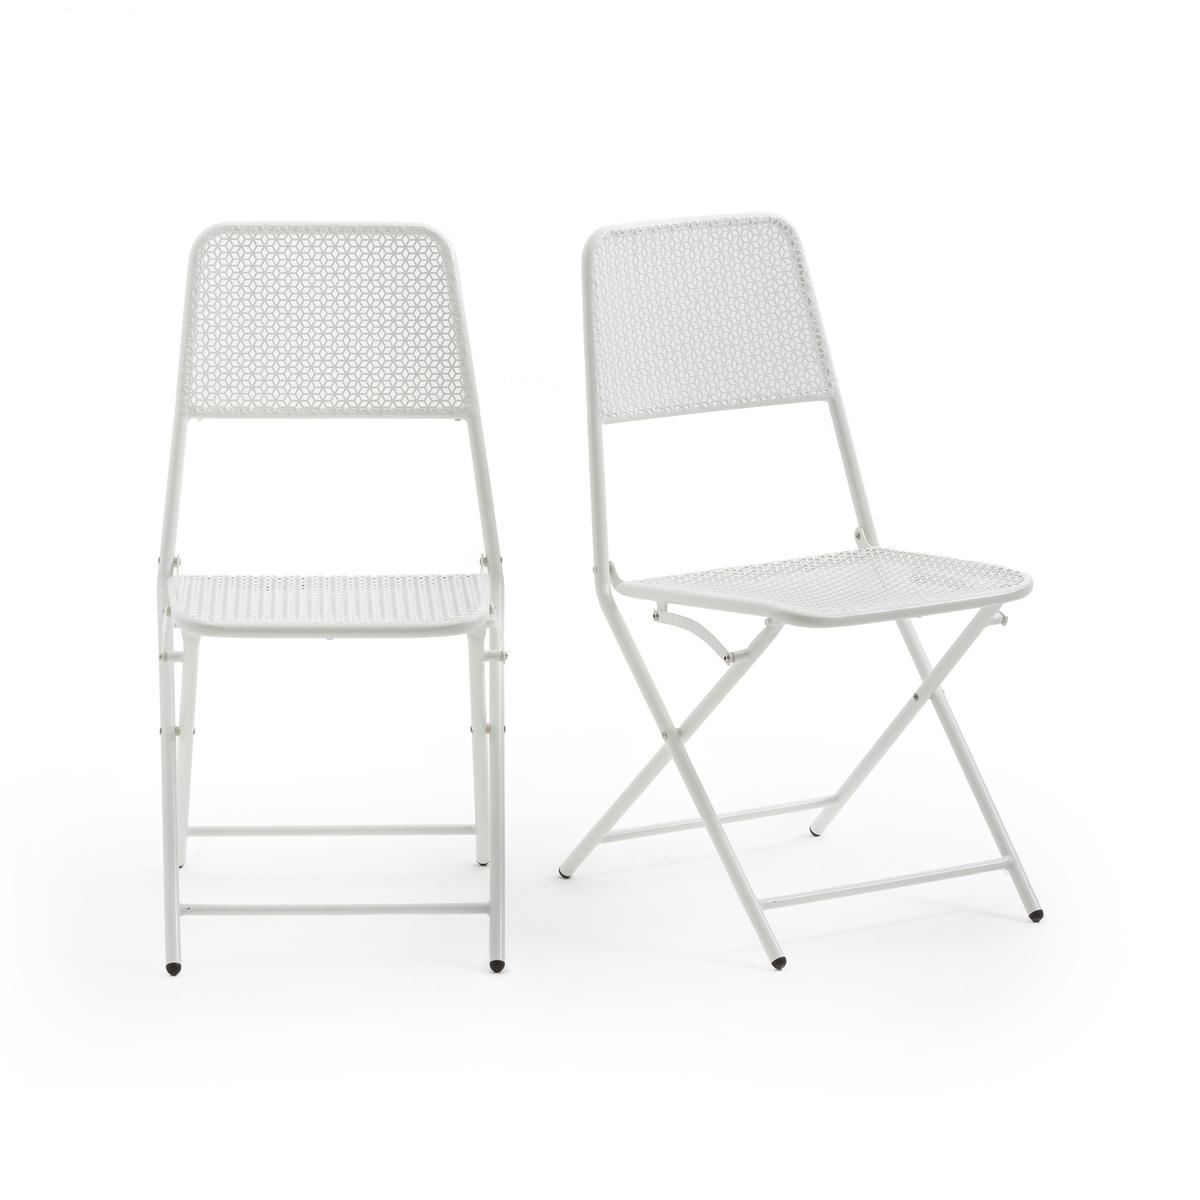 2 садовых стула OSLO george ezra oslo